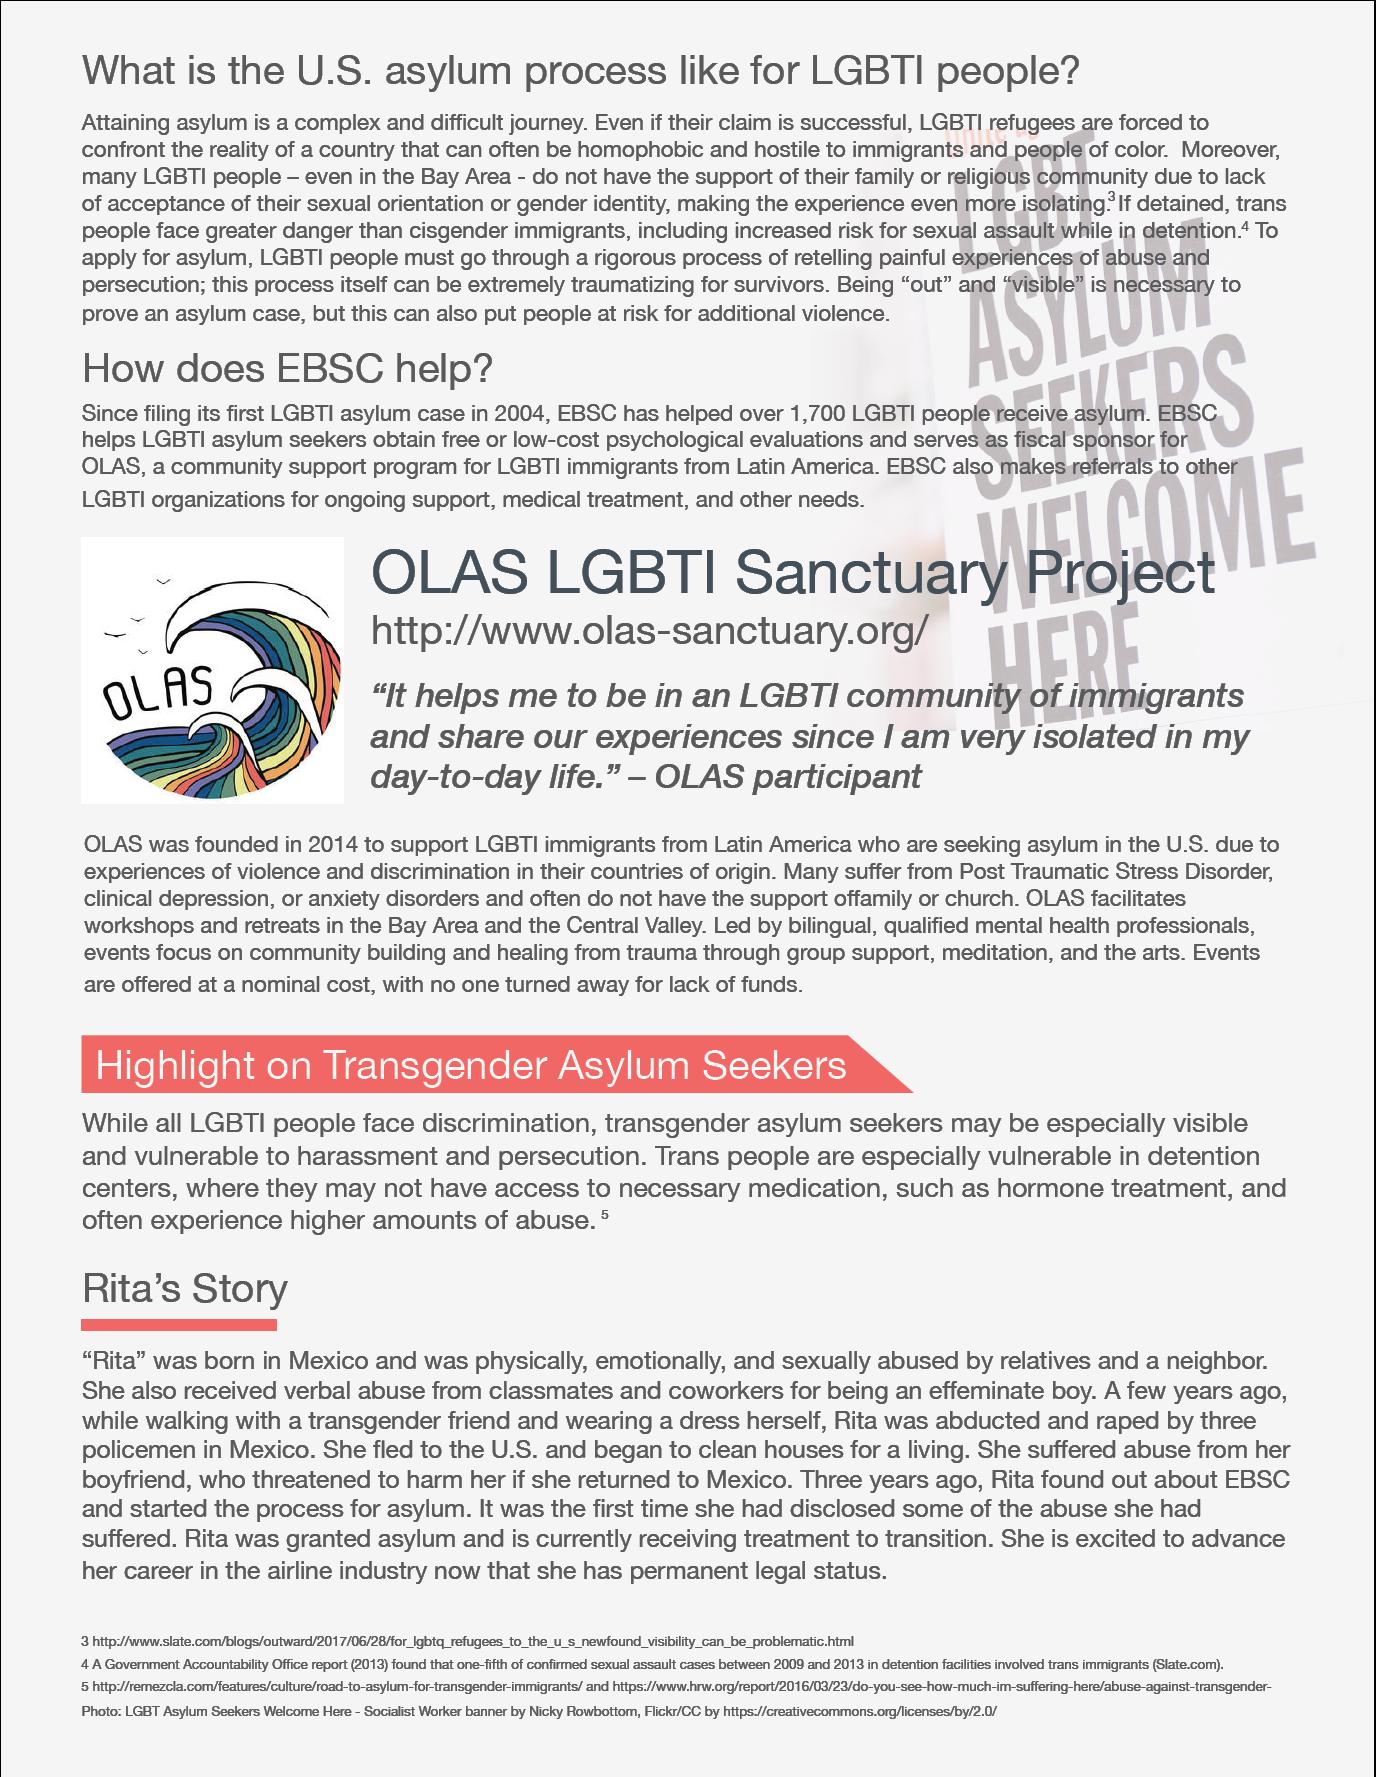 LGBTI_asylum_process.png